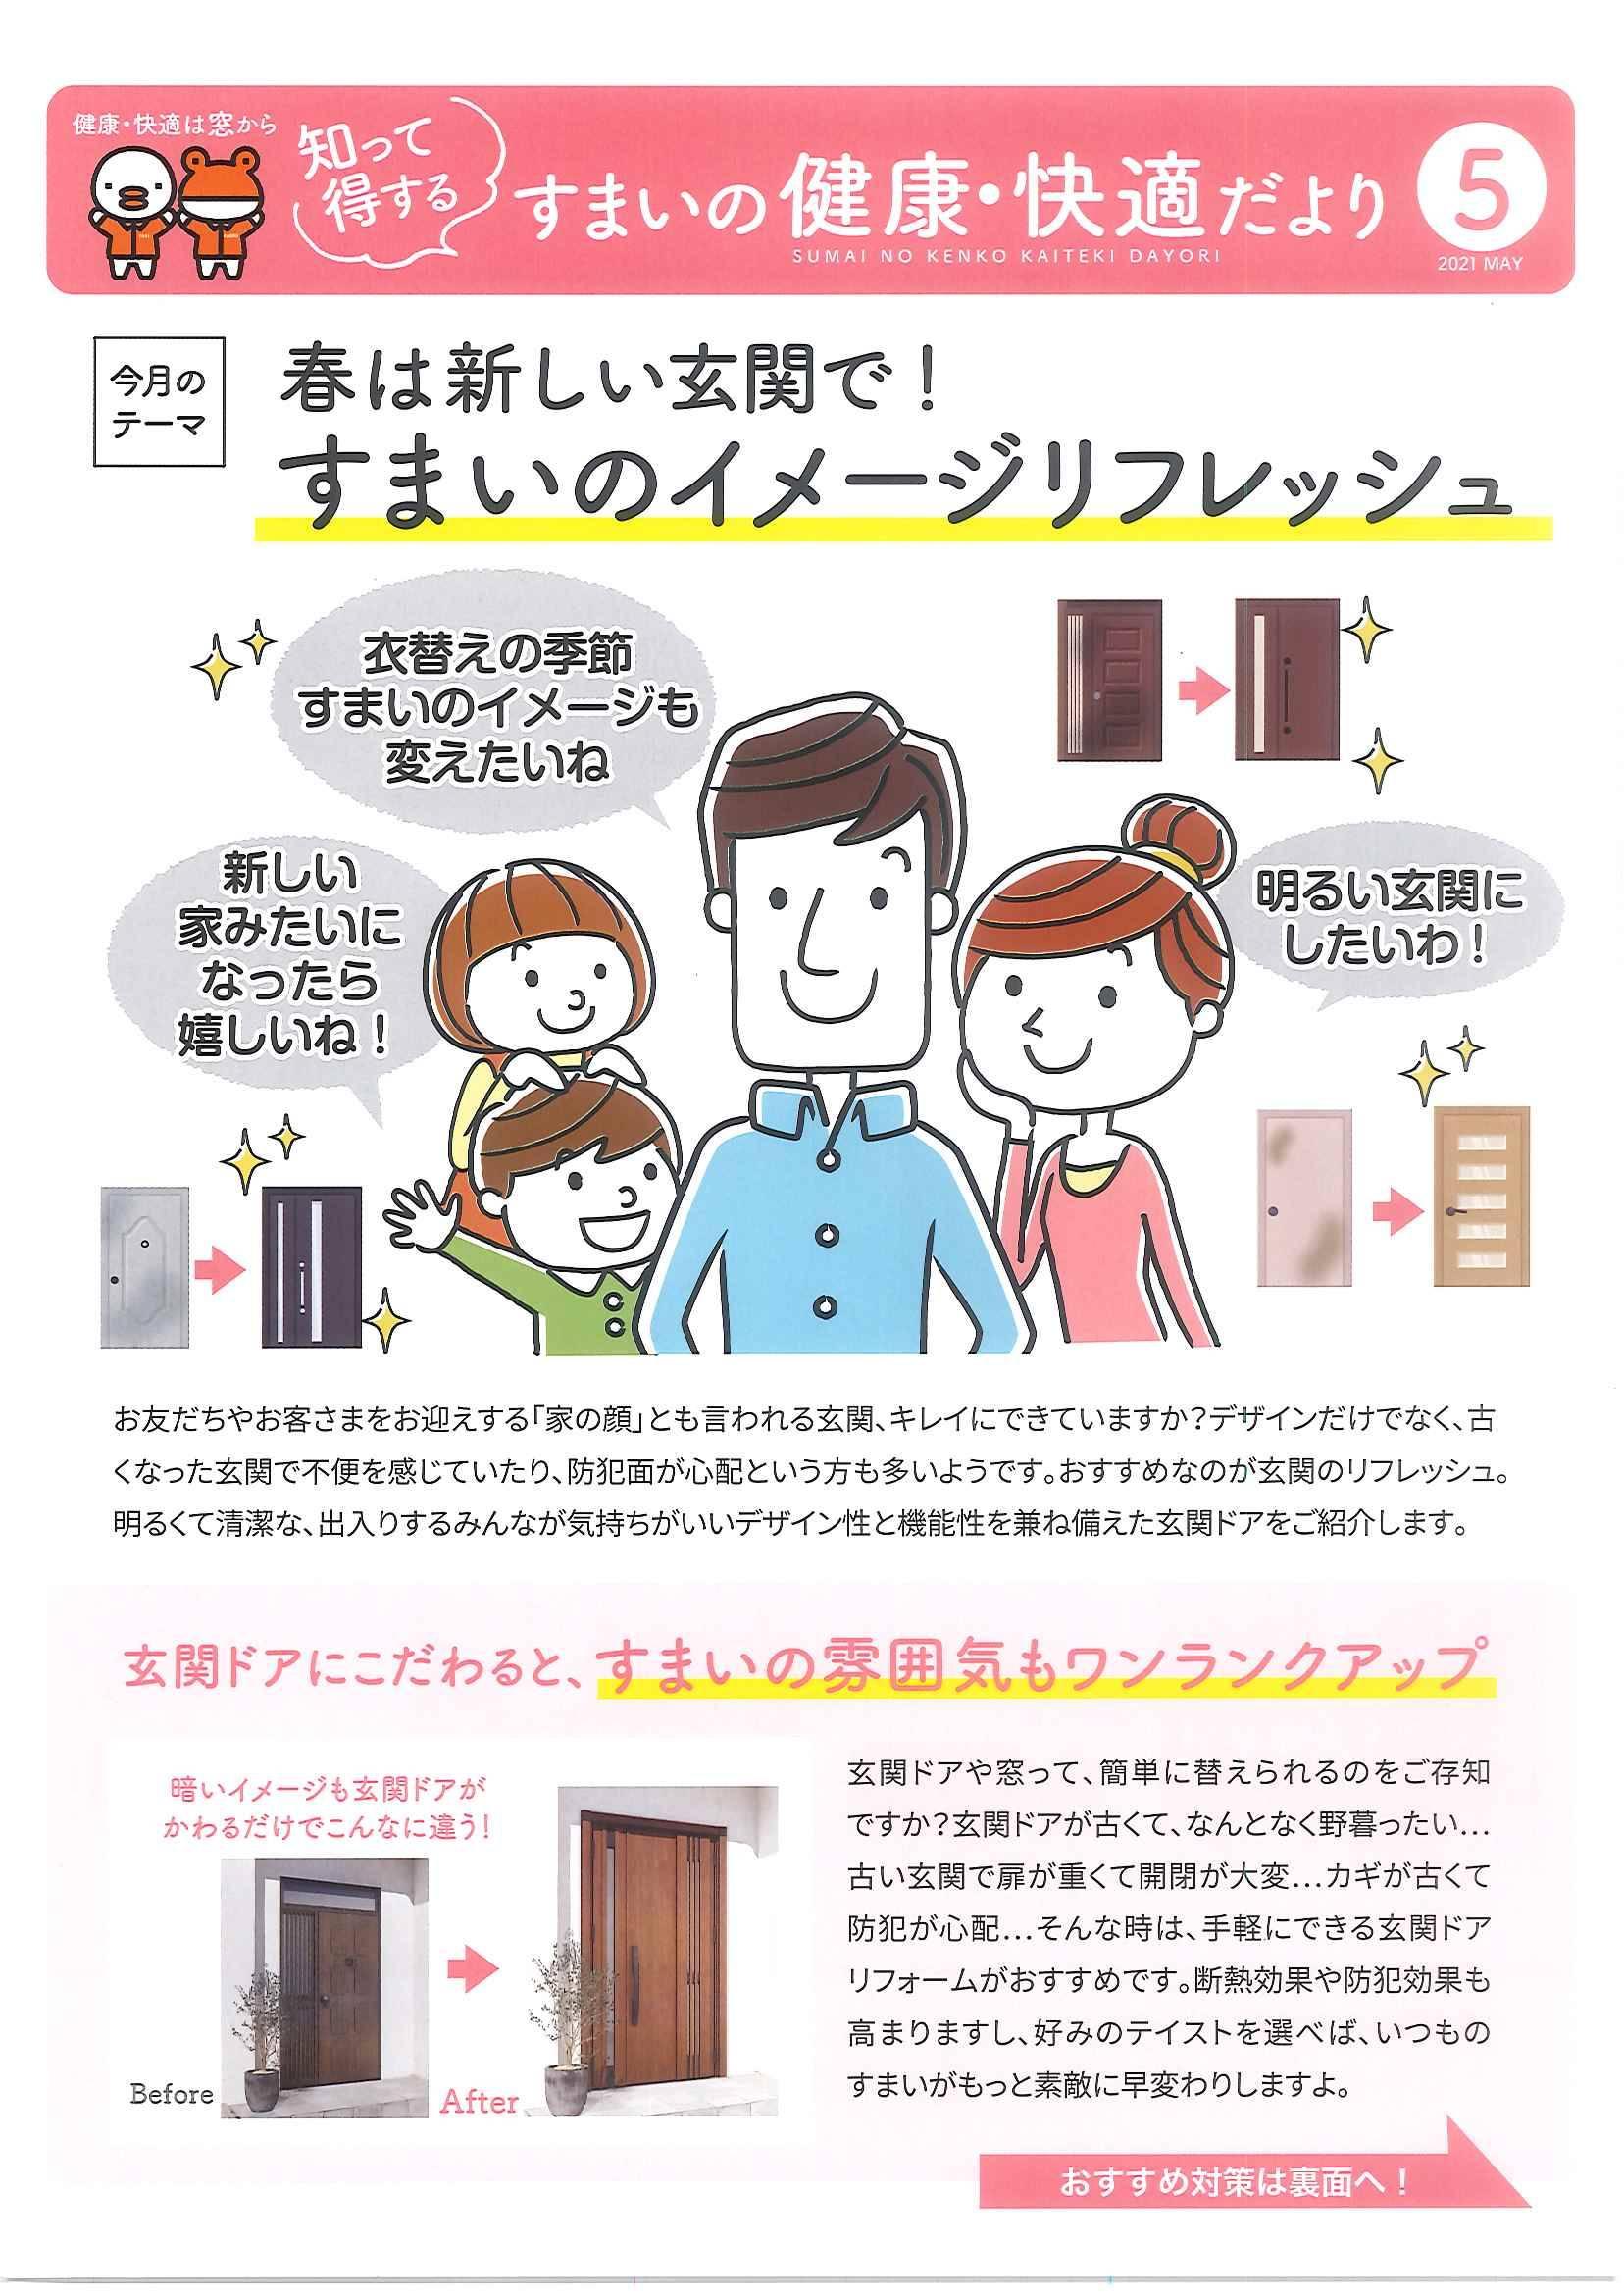 マド本舗 🐥すまいの健康・快適だより⑤号🐸 ヒロトーヨー住器の現場ブログ 写真1